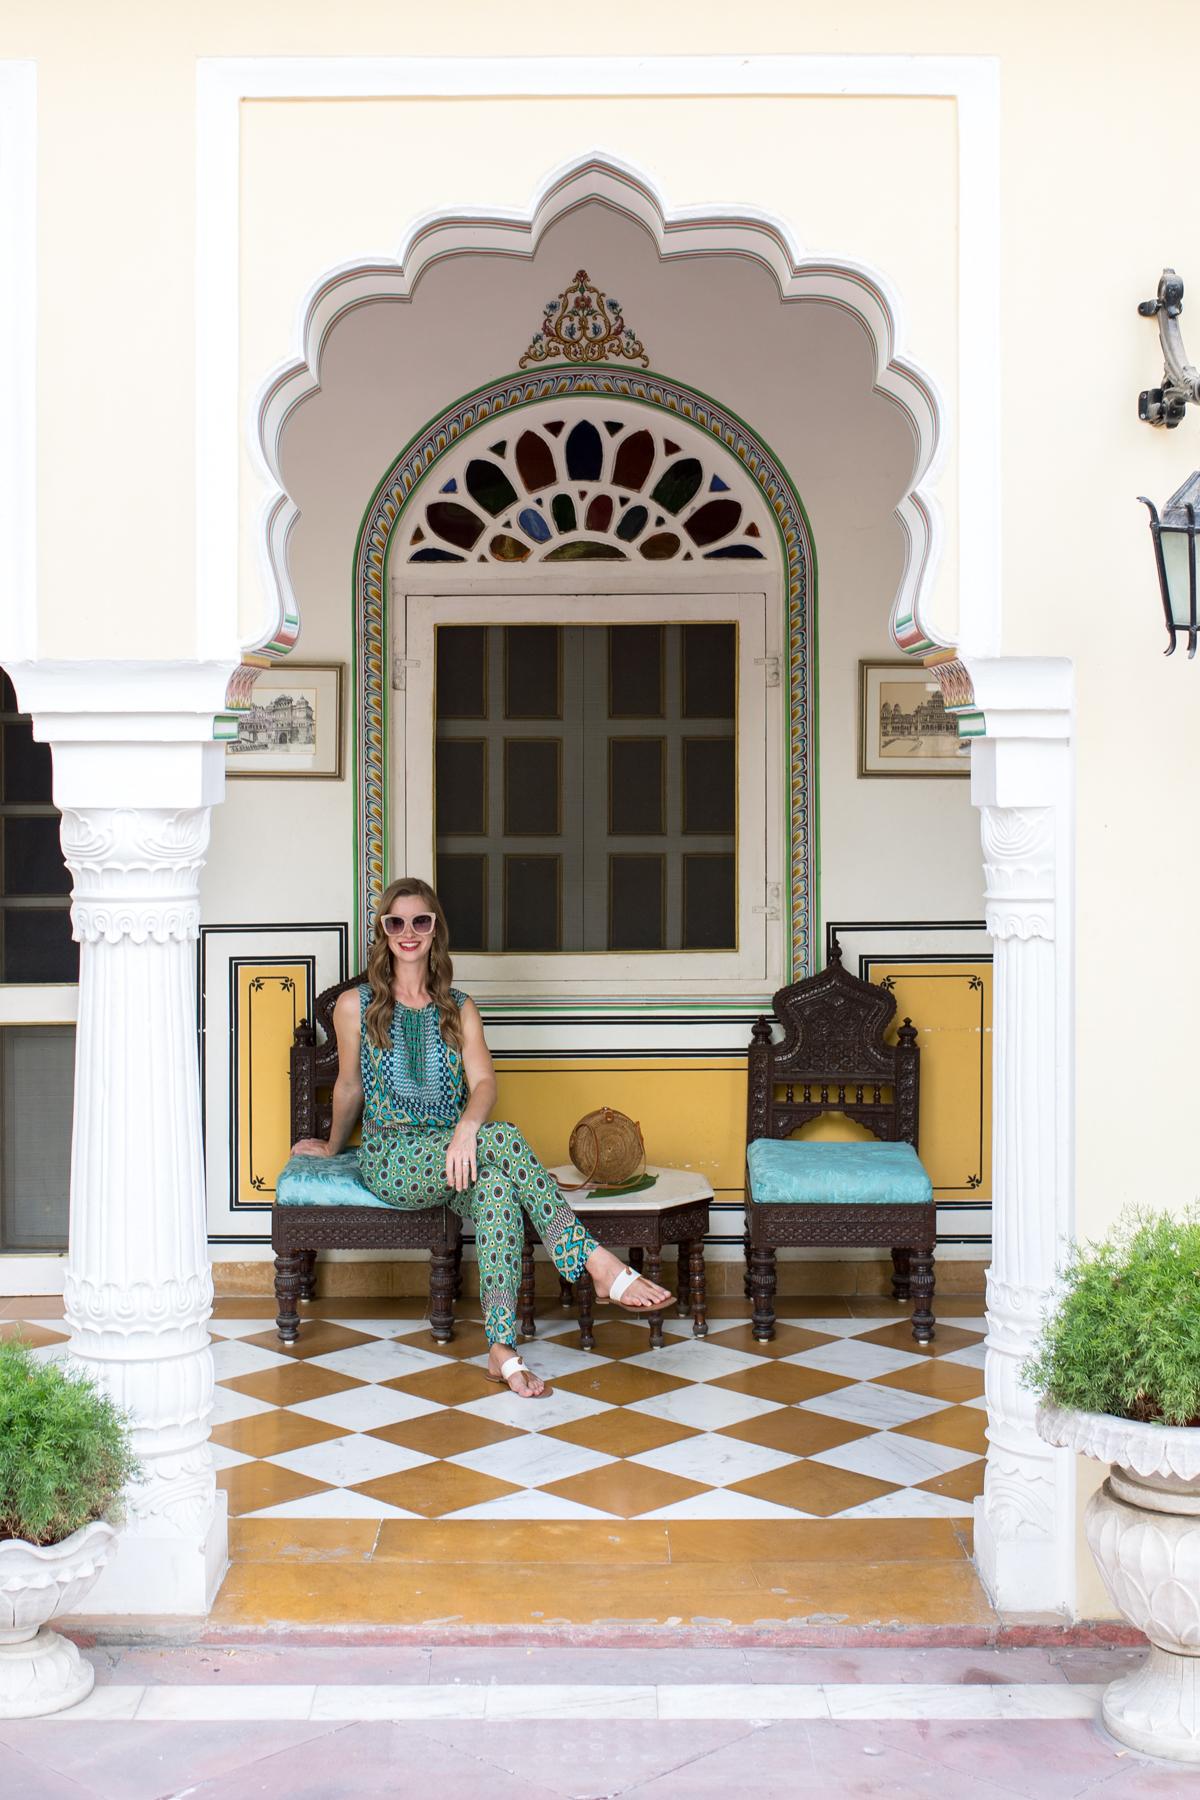 Stacie Flinner City Palace Jaipur 10 Best -30.jpg